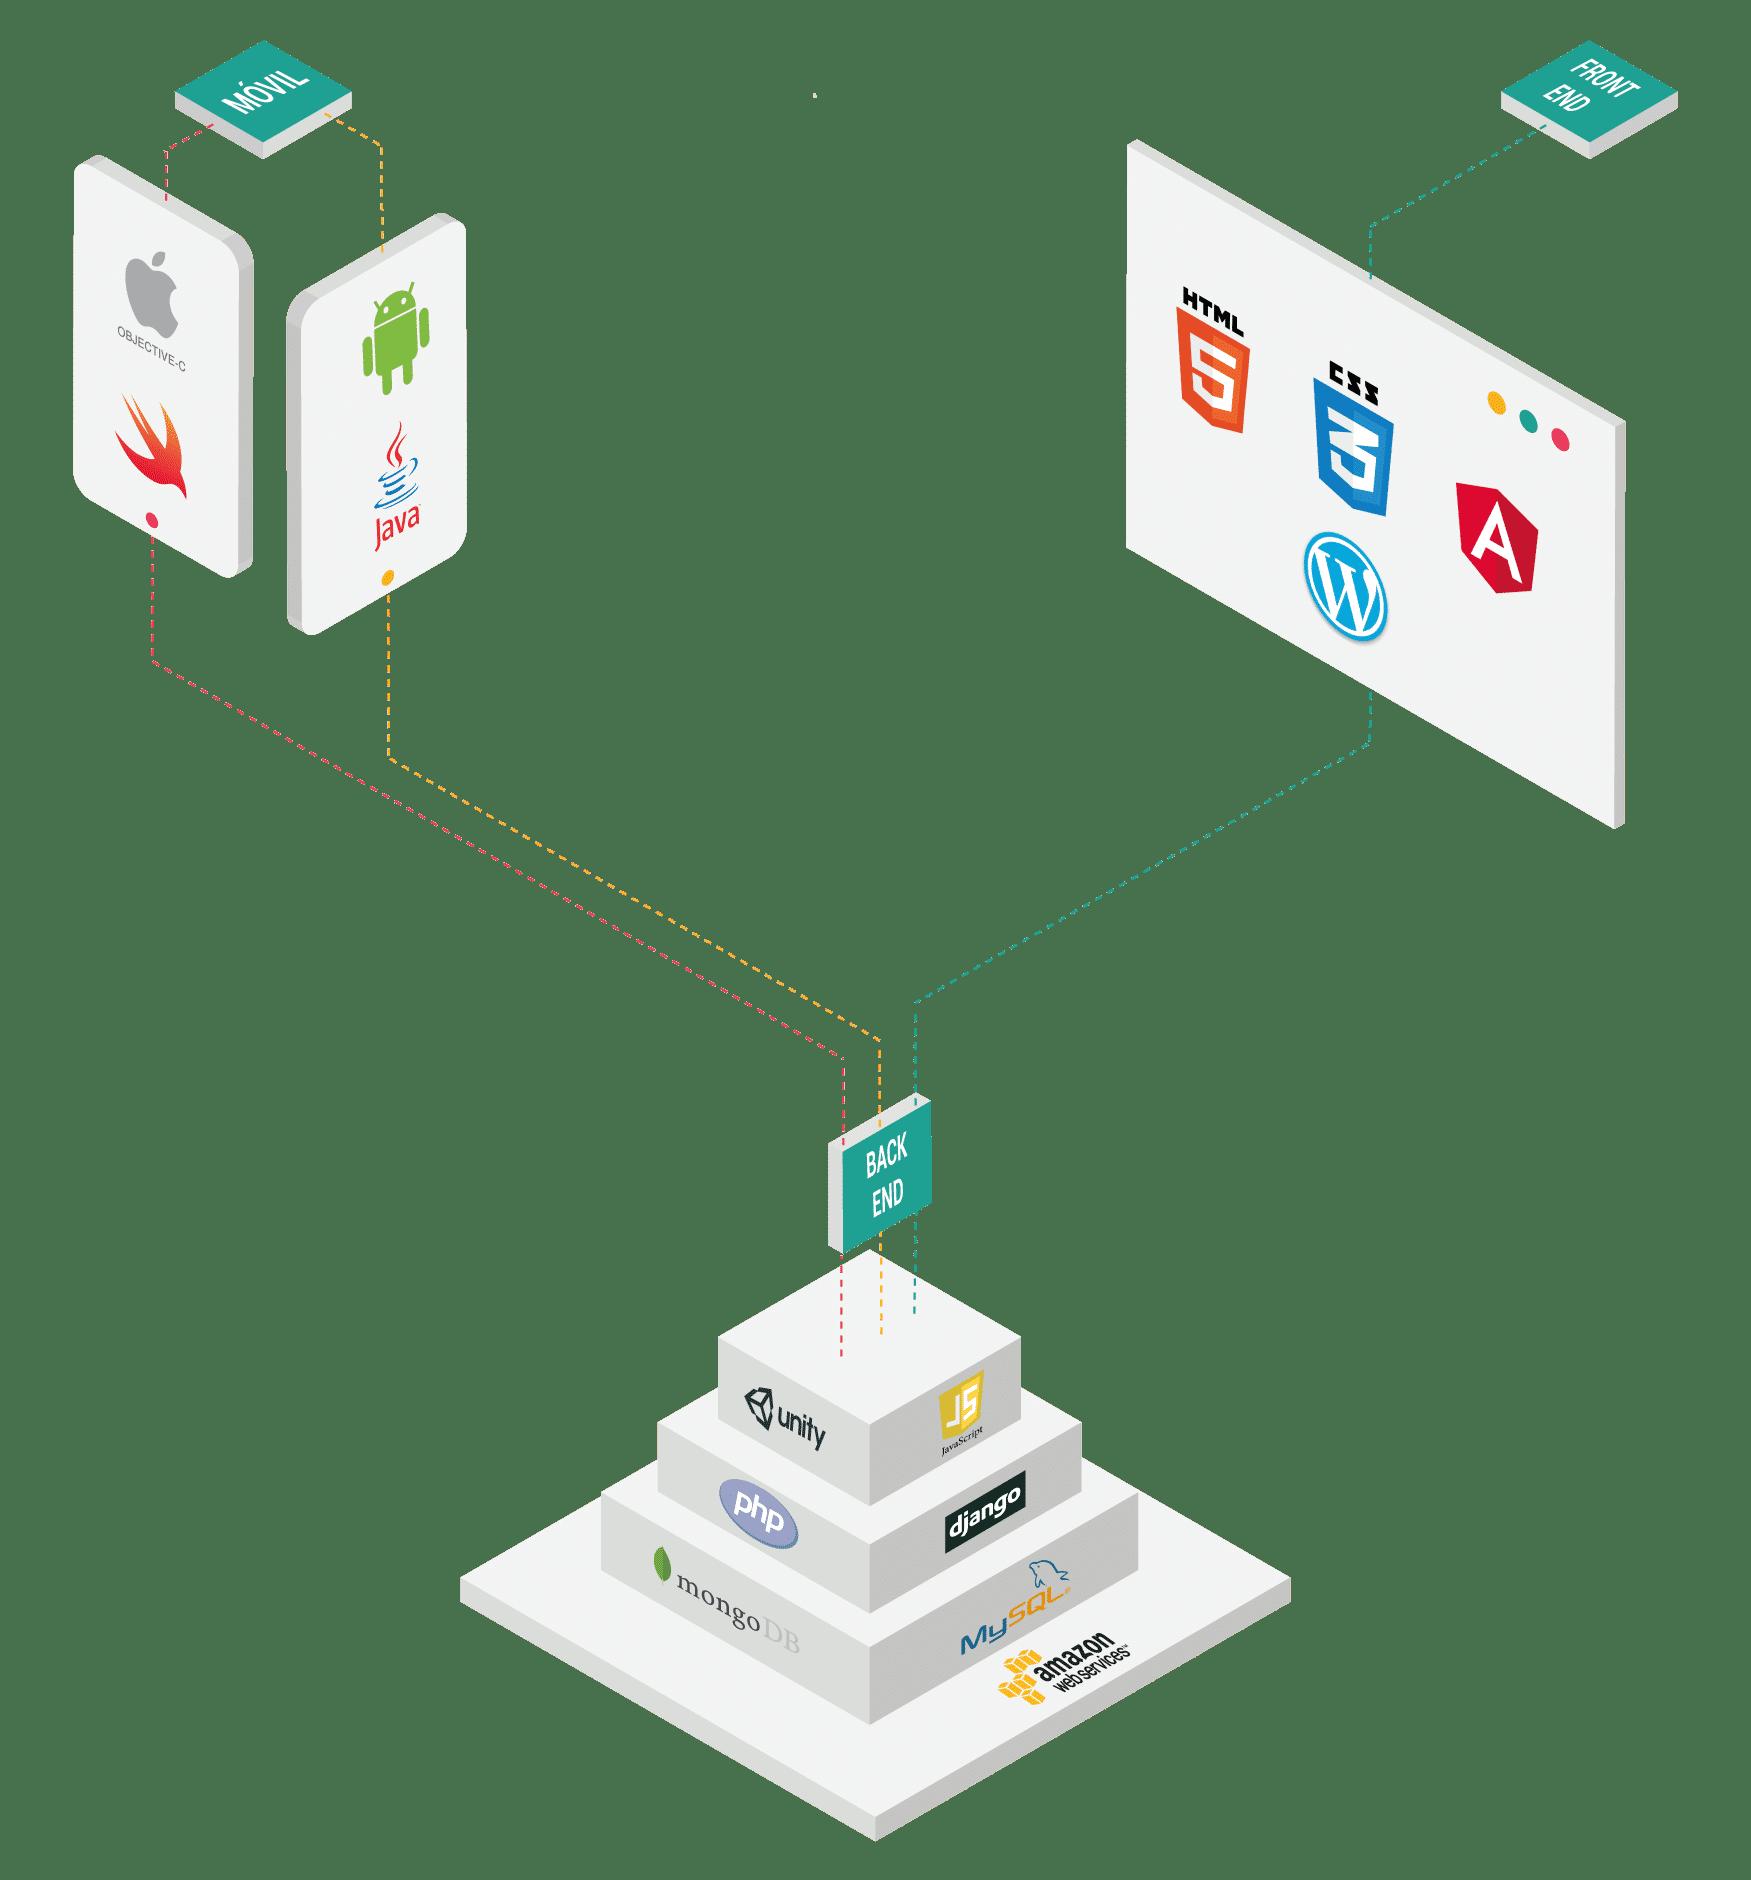 Gráfico esquemático del desarrollo de una app